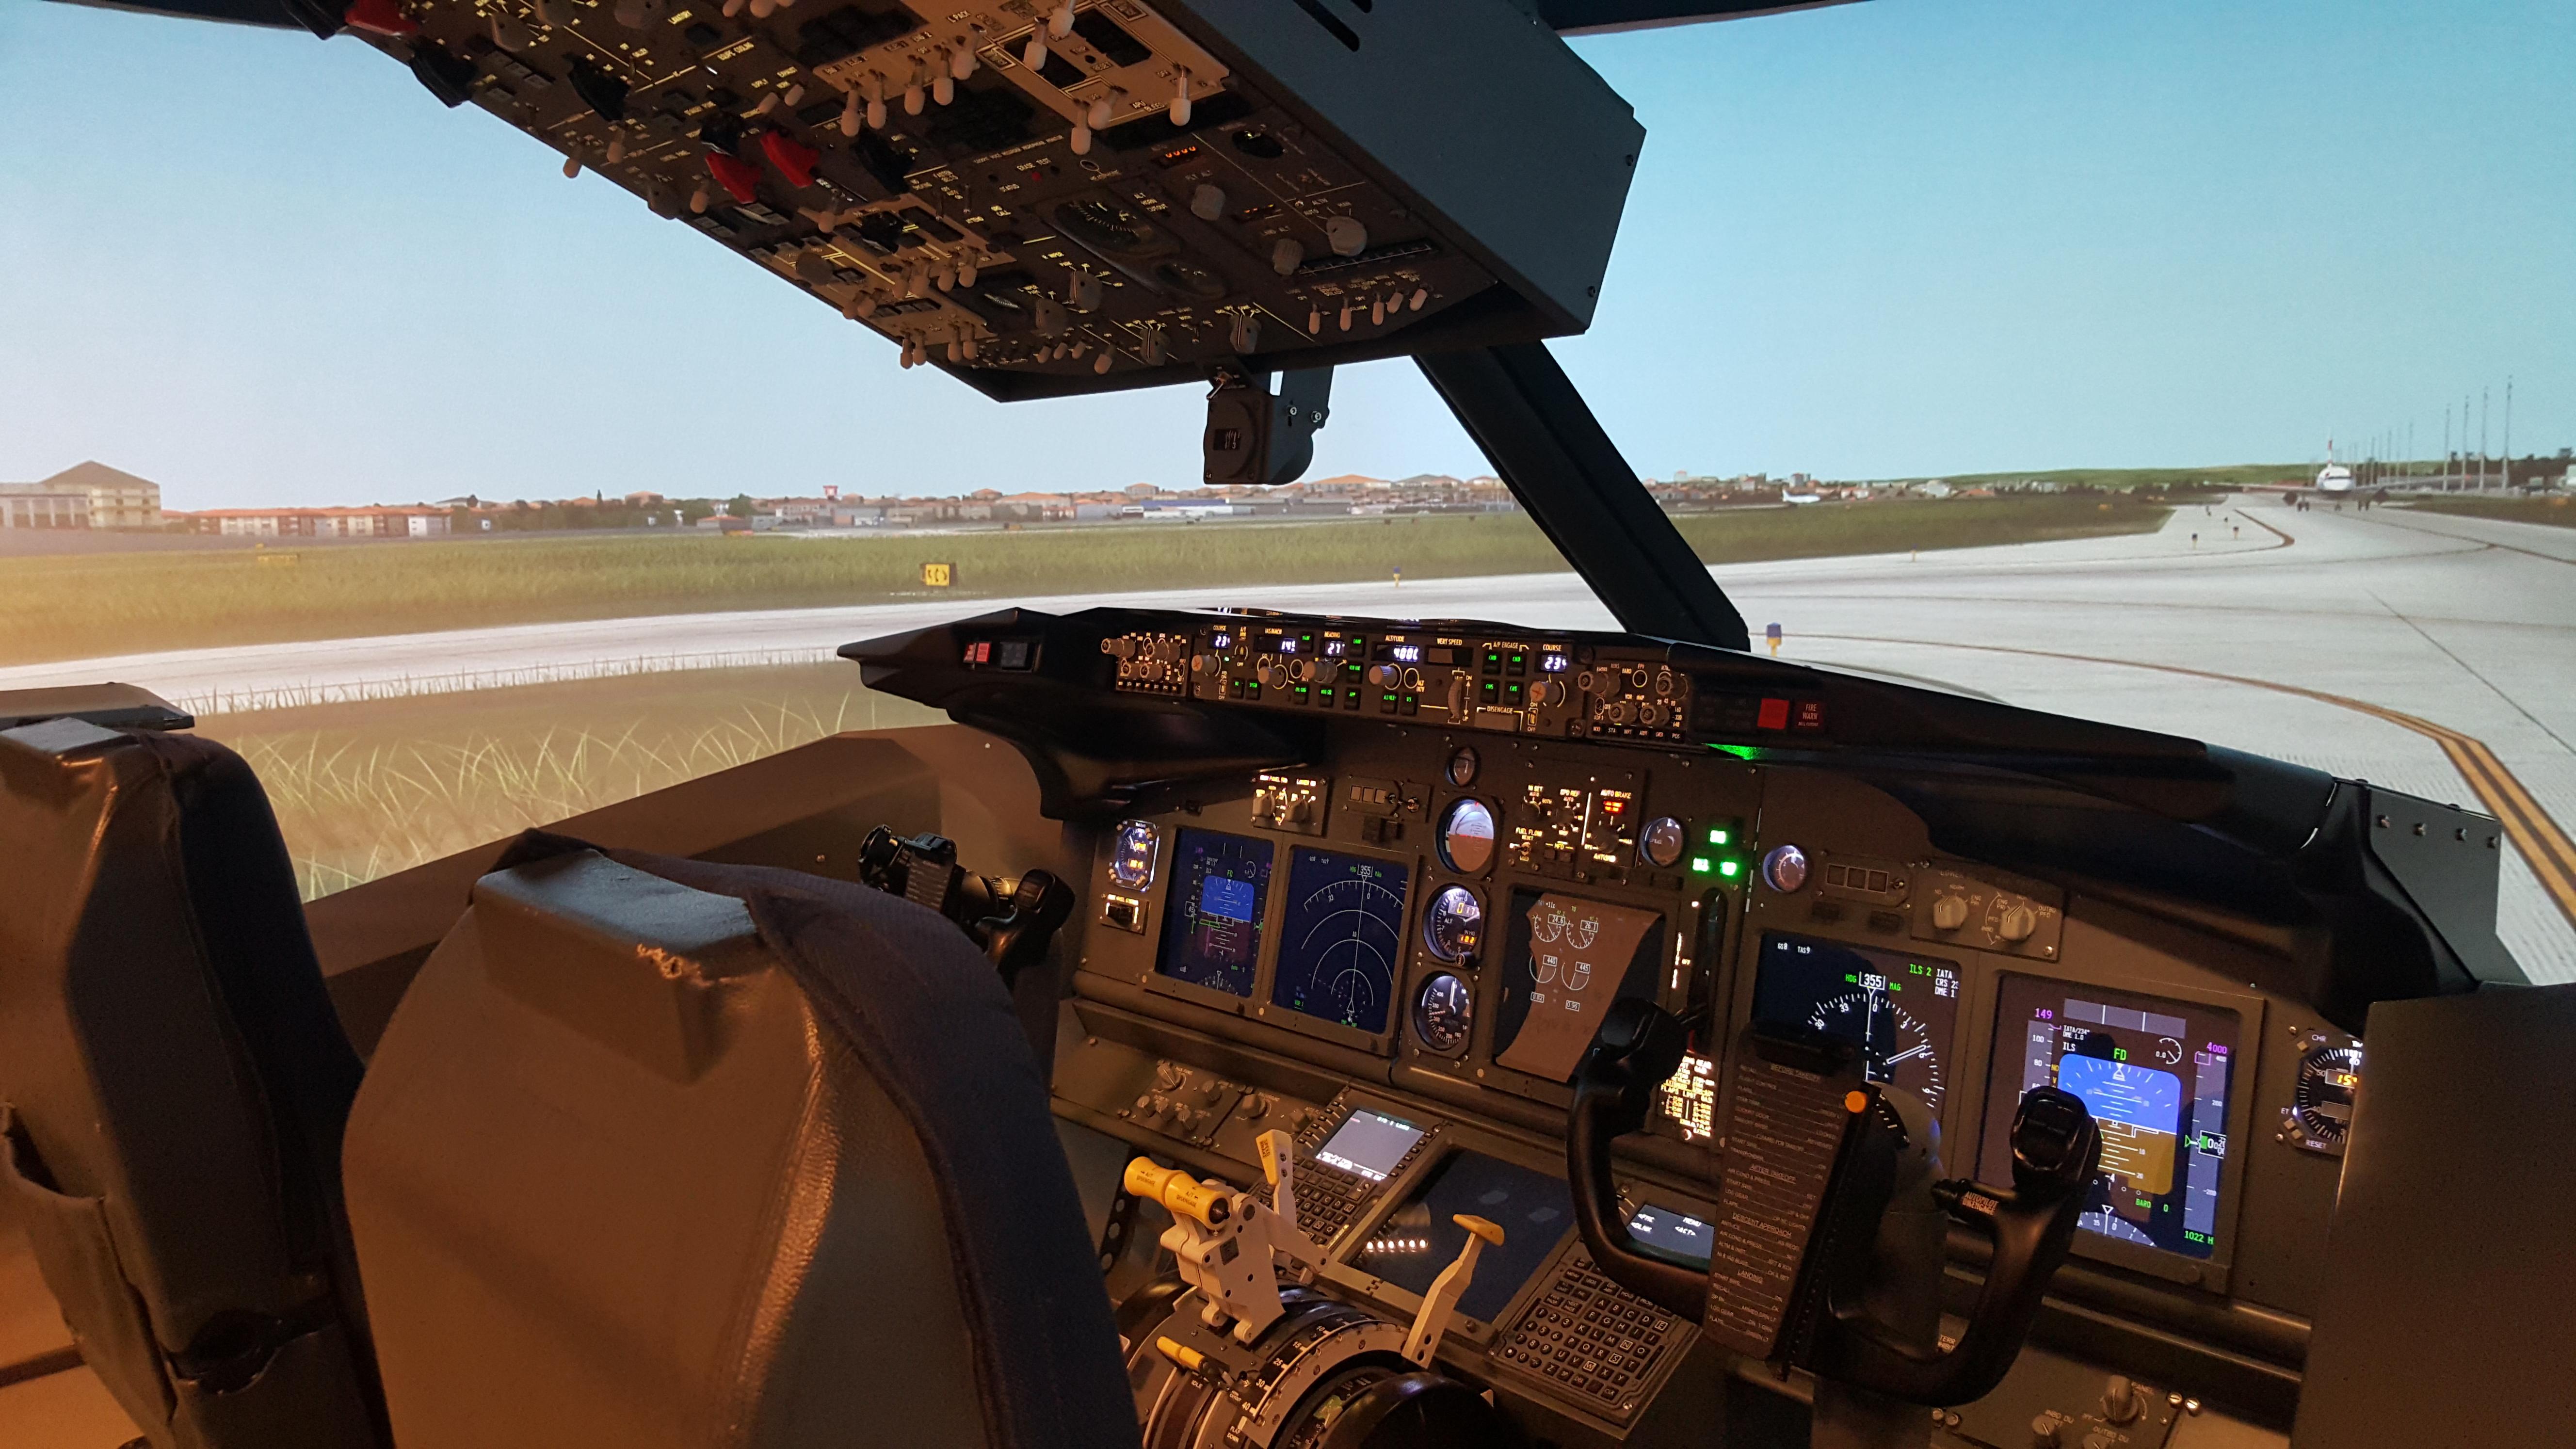 Boeing 737-800 uçuş simülatörü